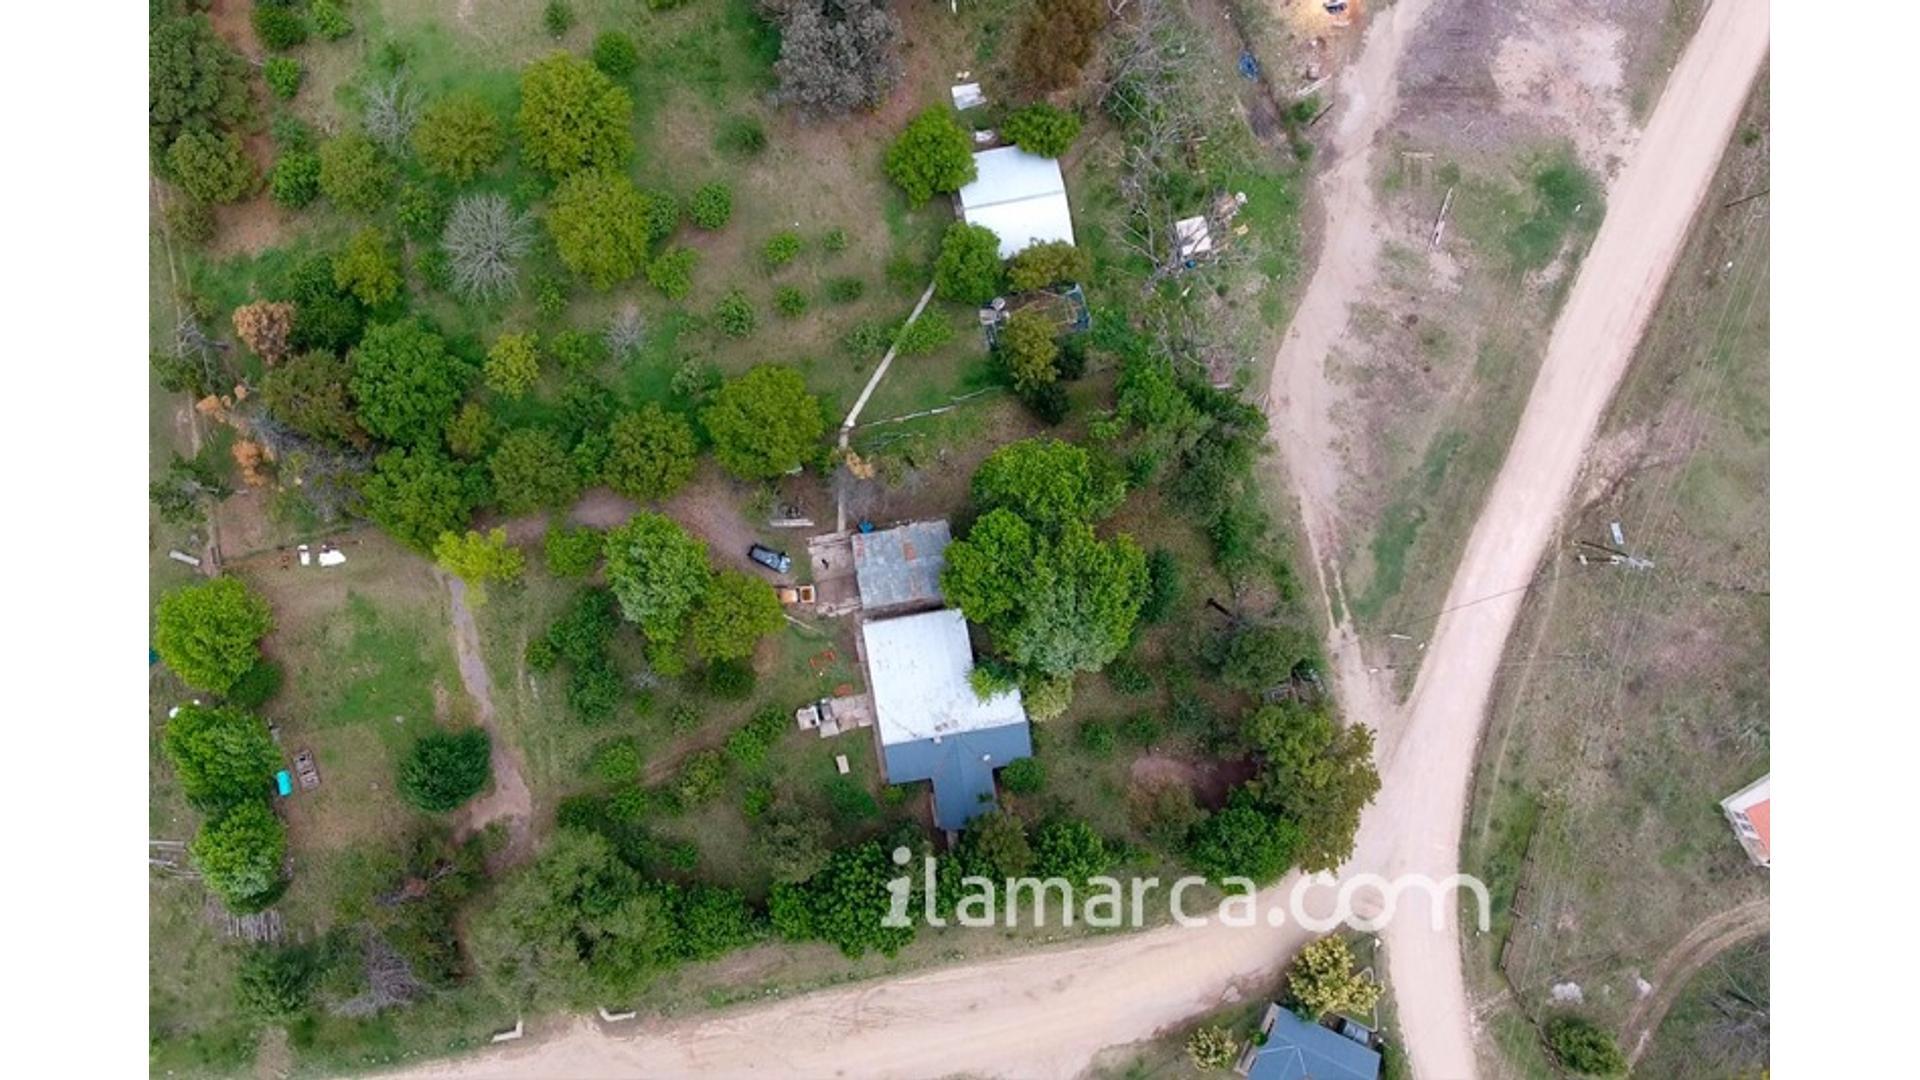 Yacanto 256 Has. 250 Mts. Sobre Ruta Provincial 22 100 - U$D 1 - Terreno en Venta